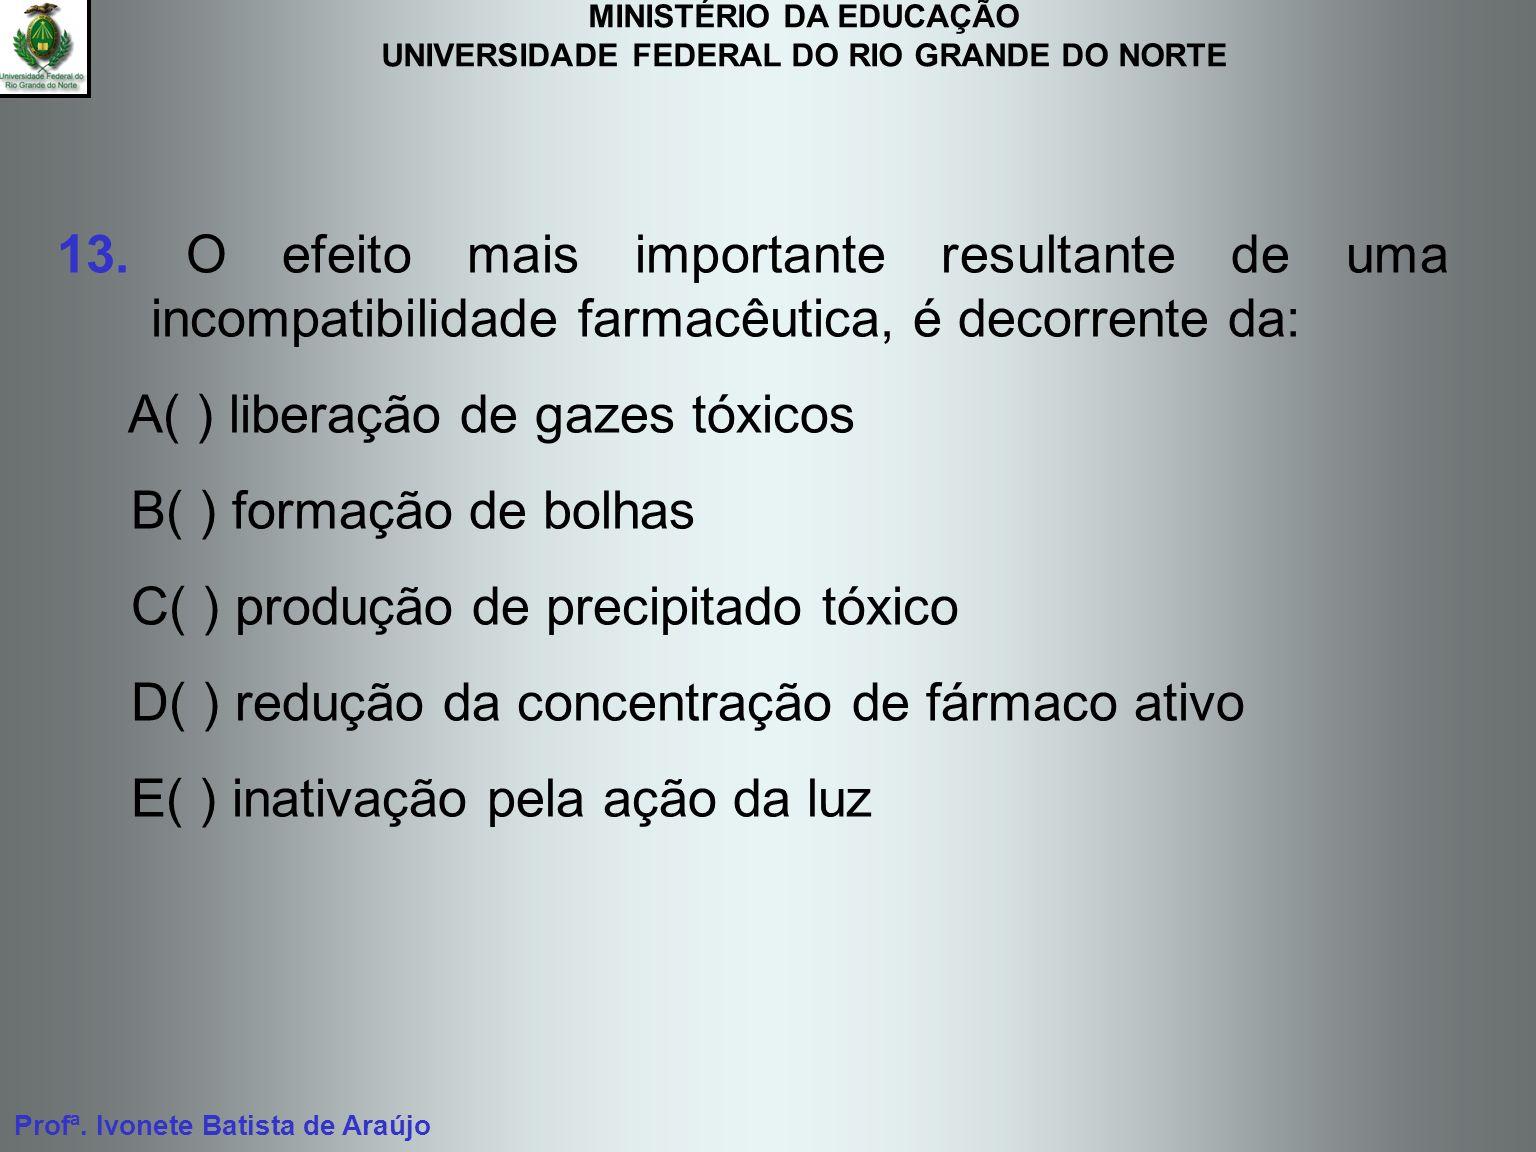 MINISTÉRIO DA EDUCAÇÃO UNIVERSIDADE FEDERAL DO RIO GRANDE DO NORTE Profª. Ivonete Batista de Araújo 13. O efeito mais importante resultante de uma inc